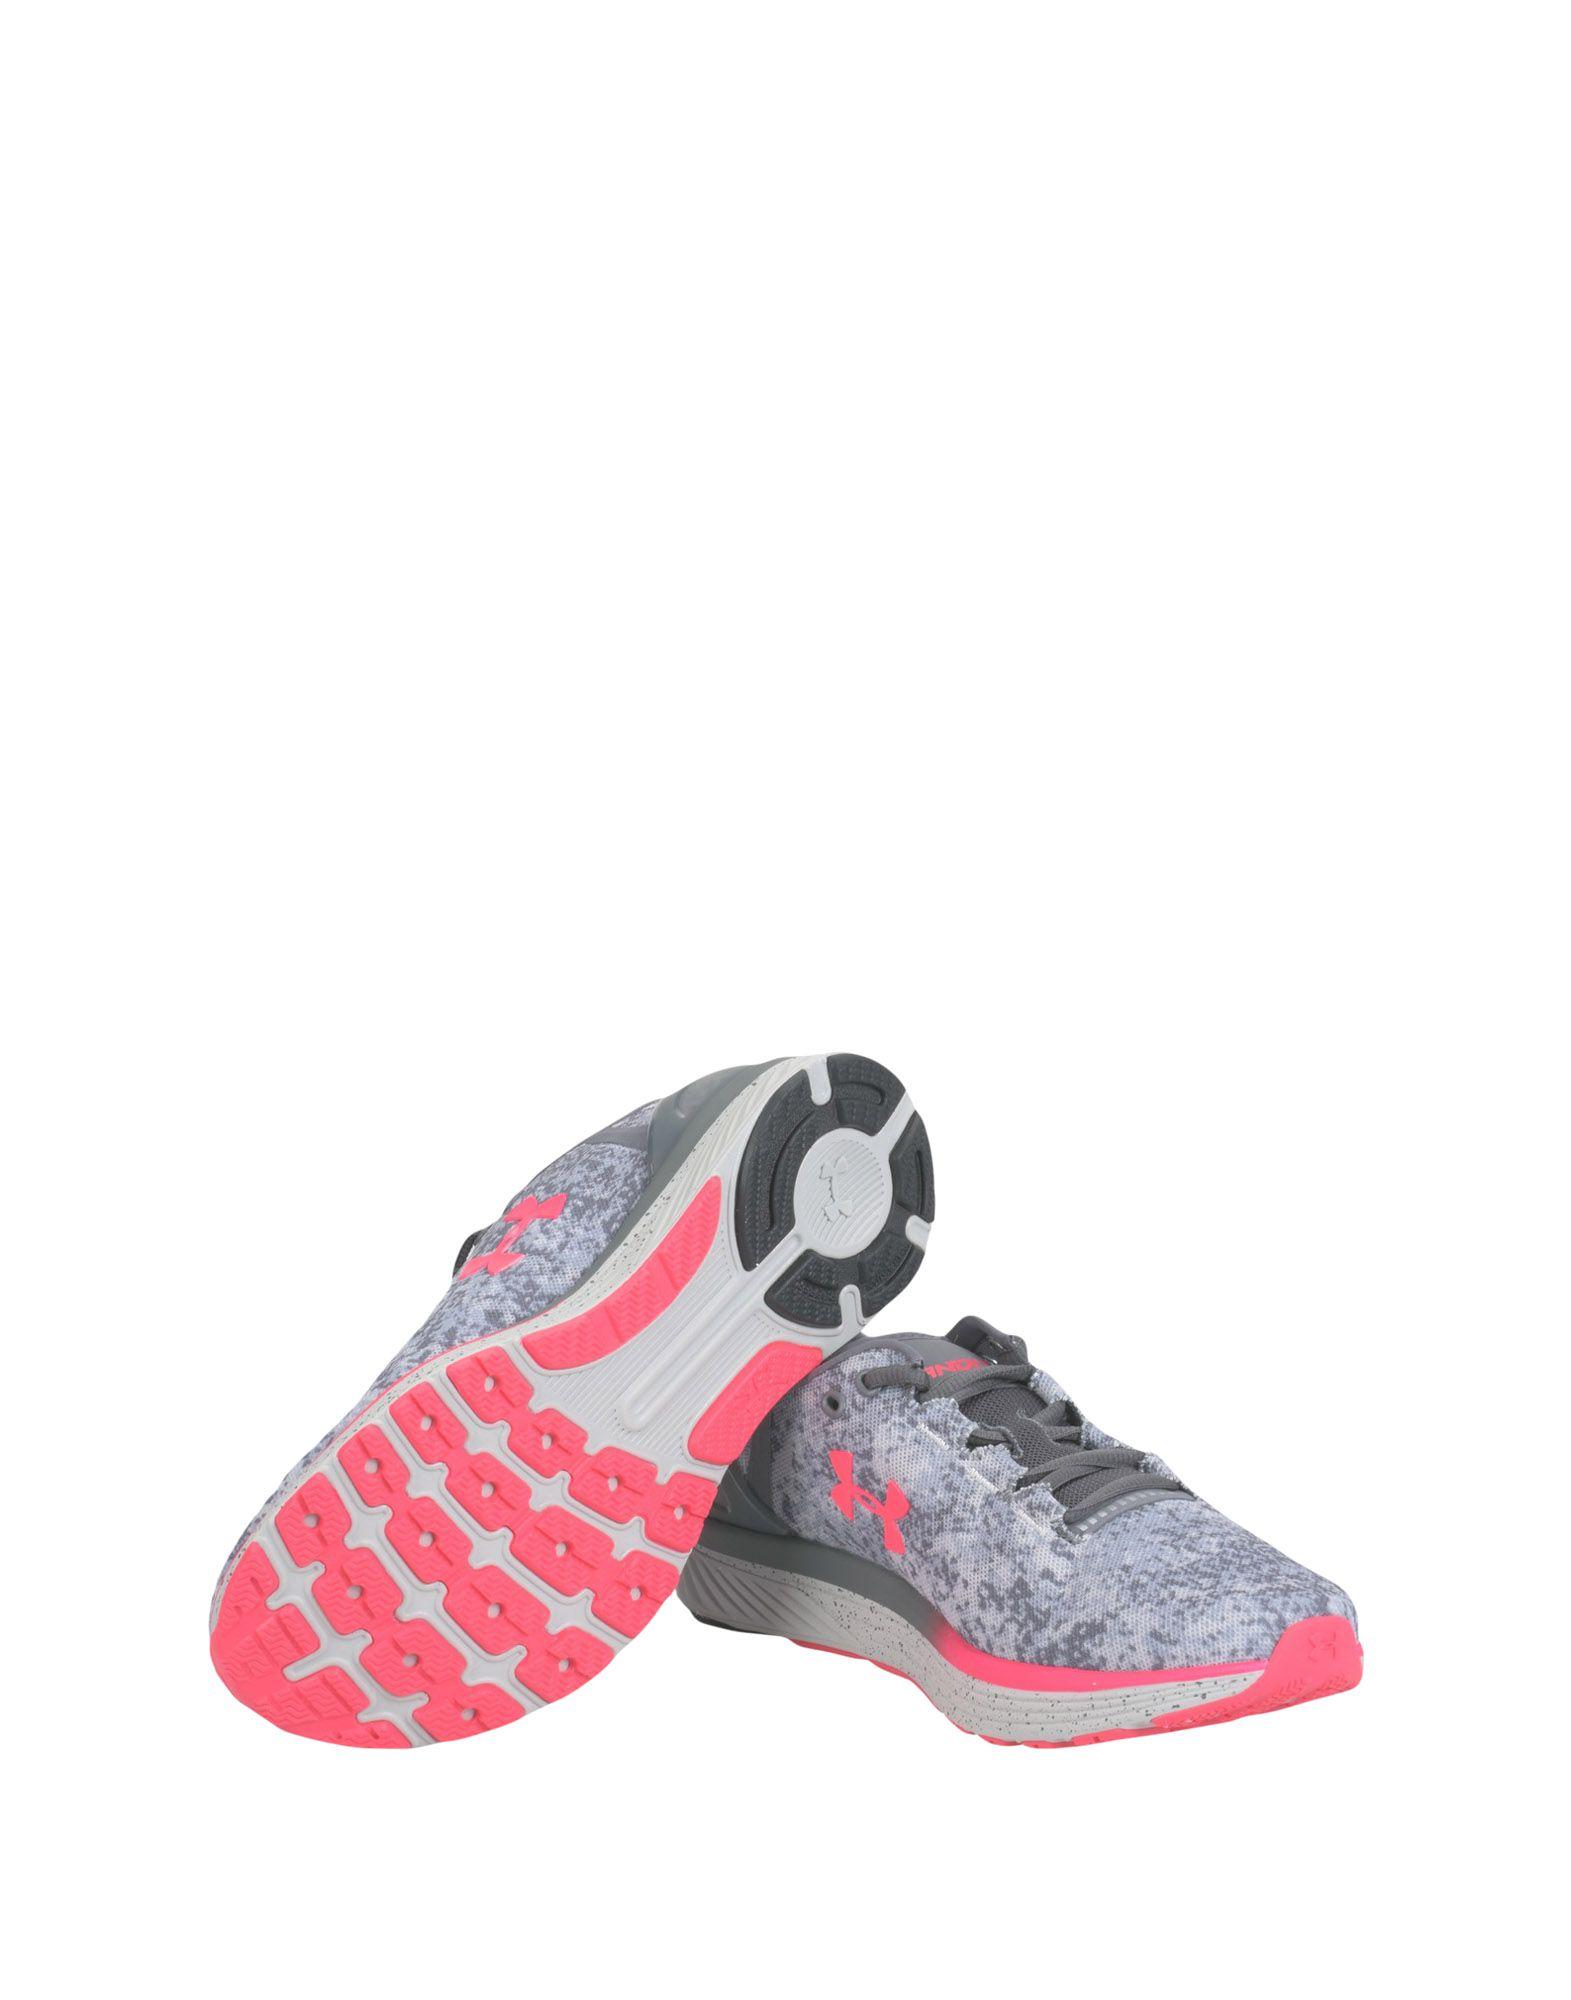 Gut tragenUnder um billige Schuhe zu tragenUnder Gut Armour Ua W Charged Bandit 3 Digi  11403496BH 0bd165